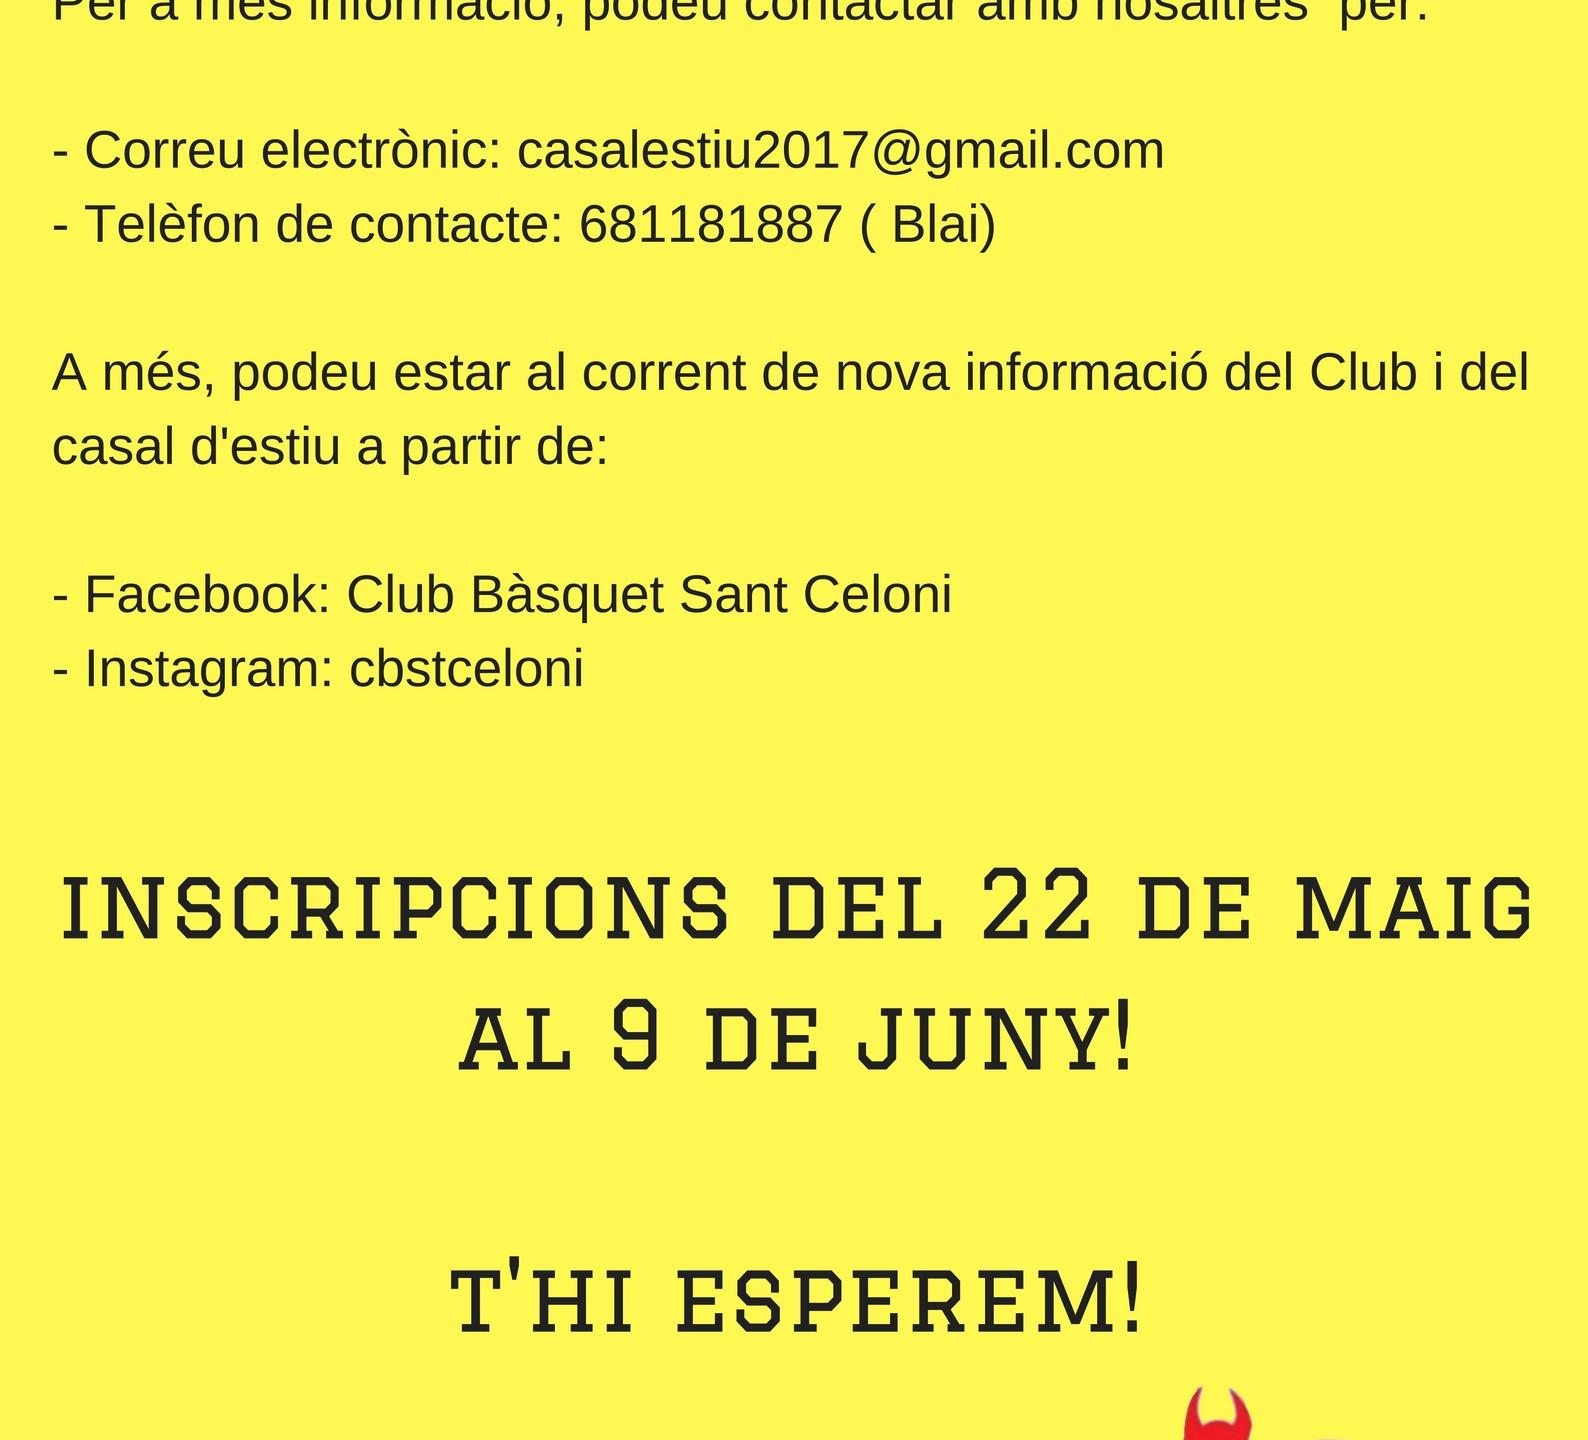 Casal7